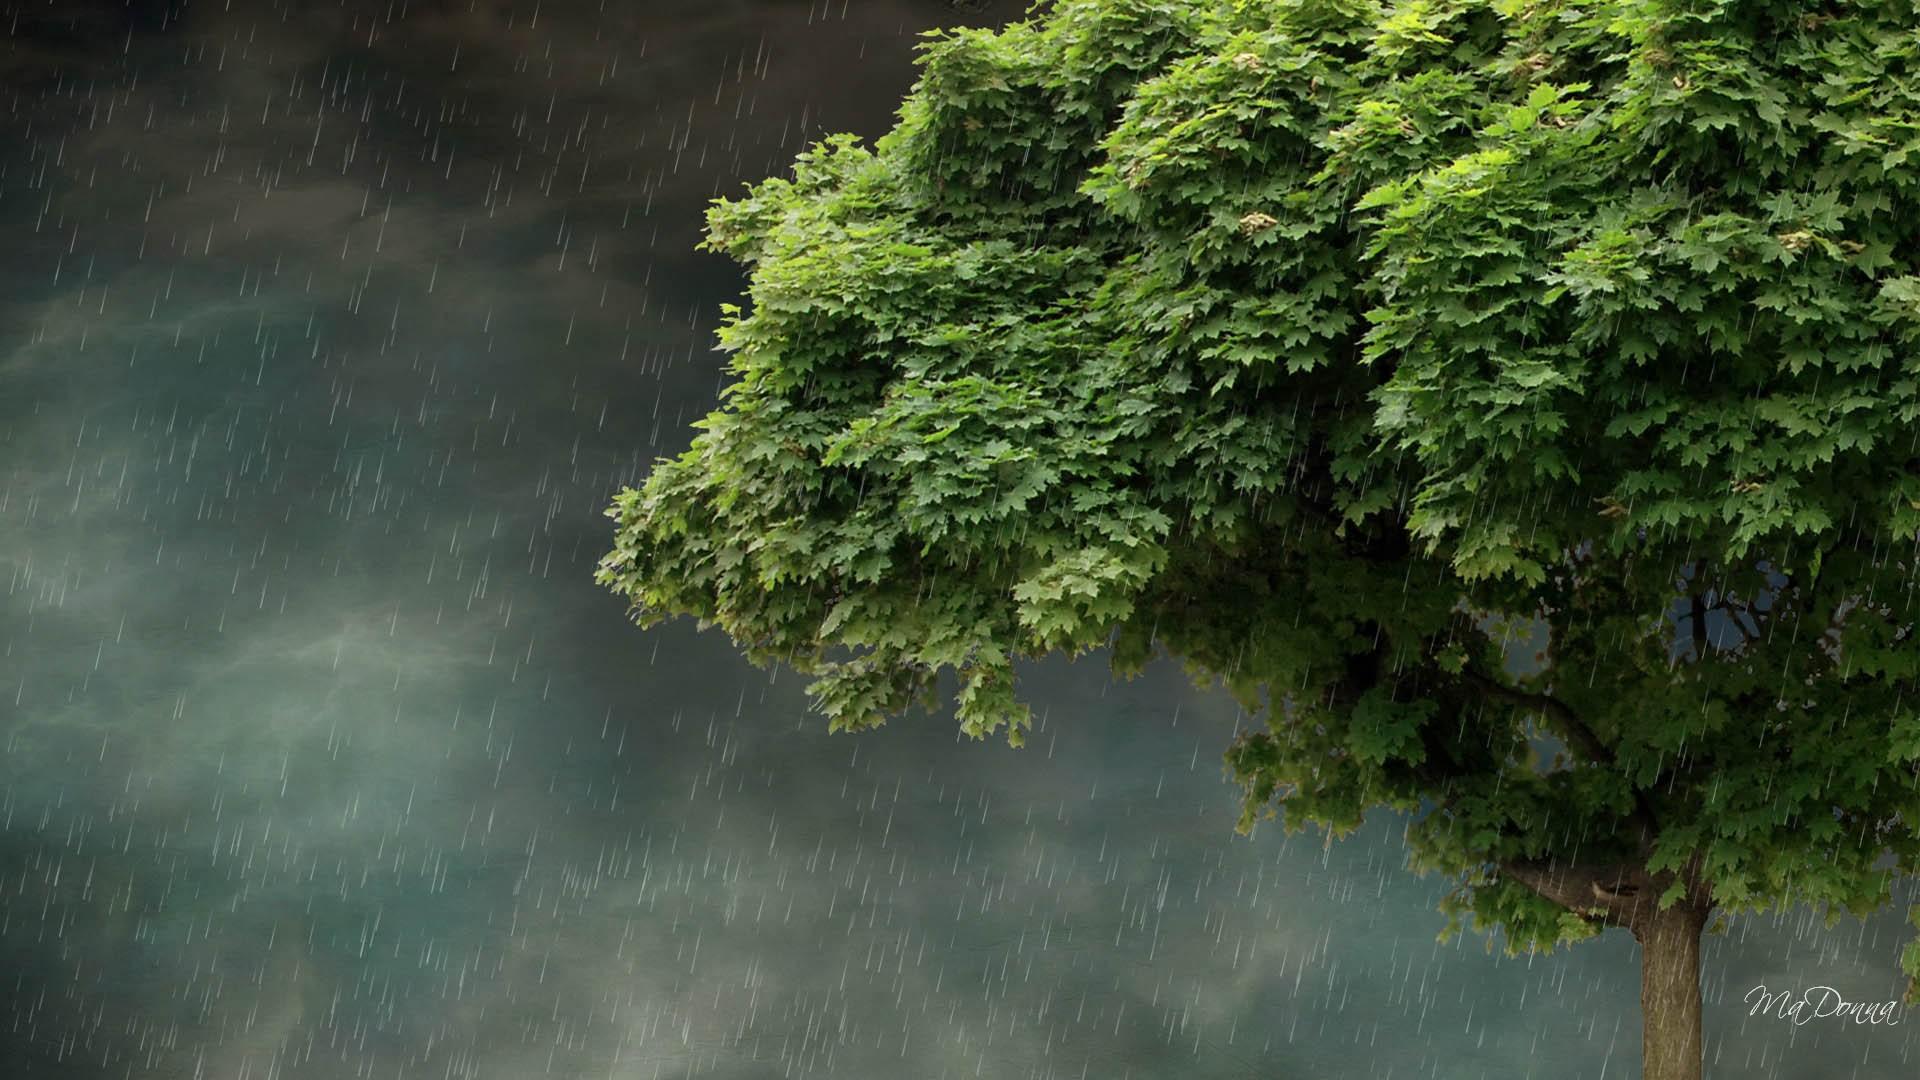 Spring Rain Wallpaper For Desktop Wallpapersafari